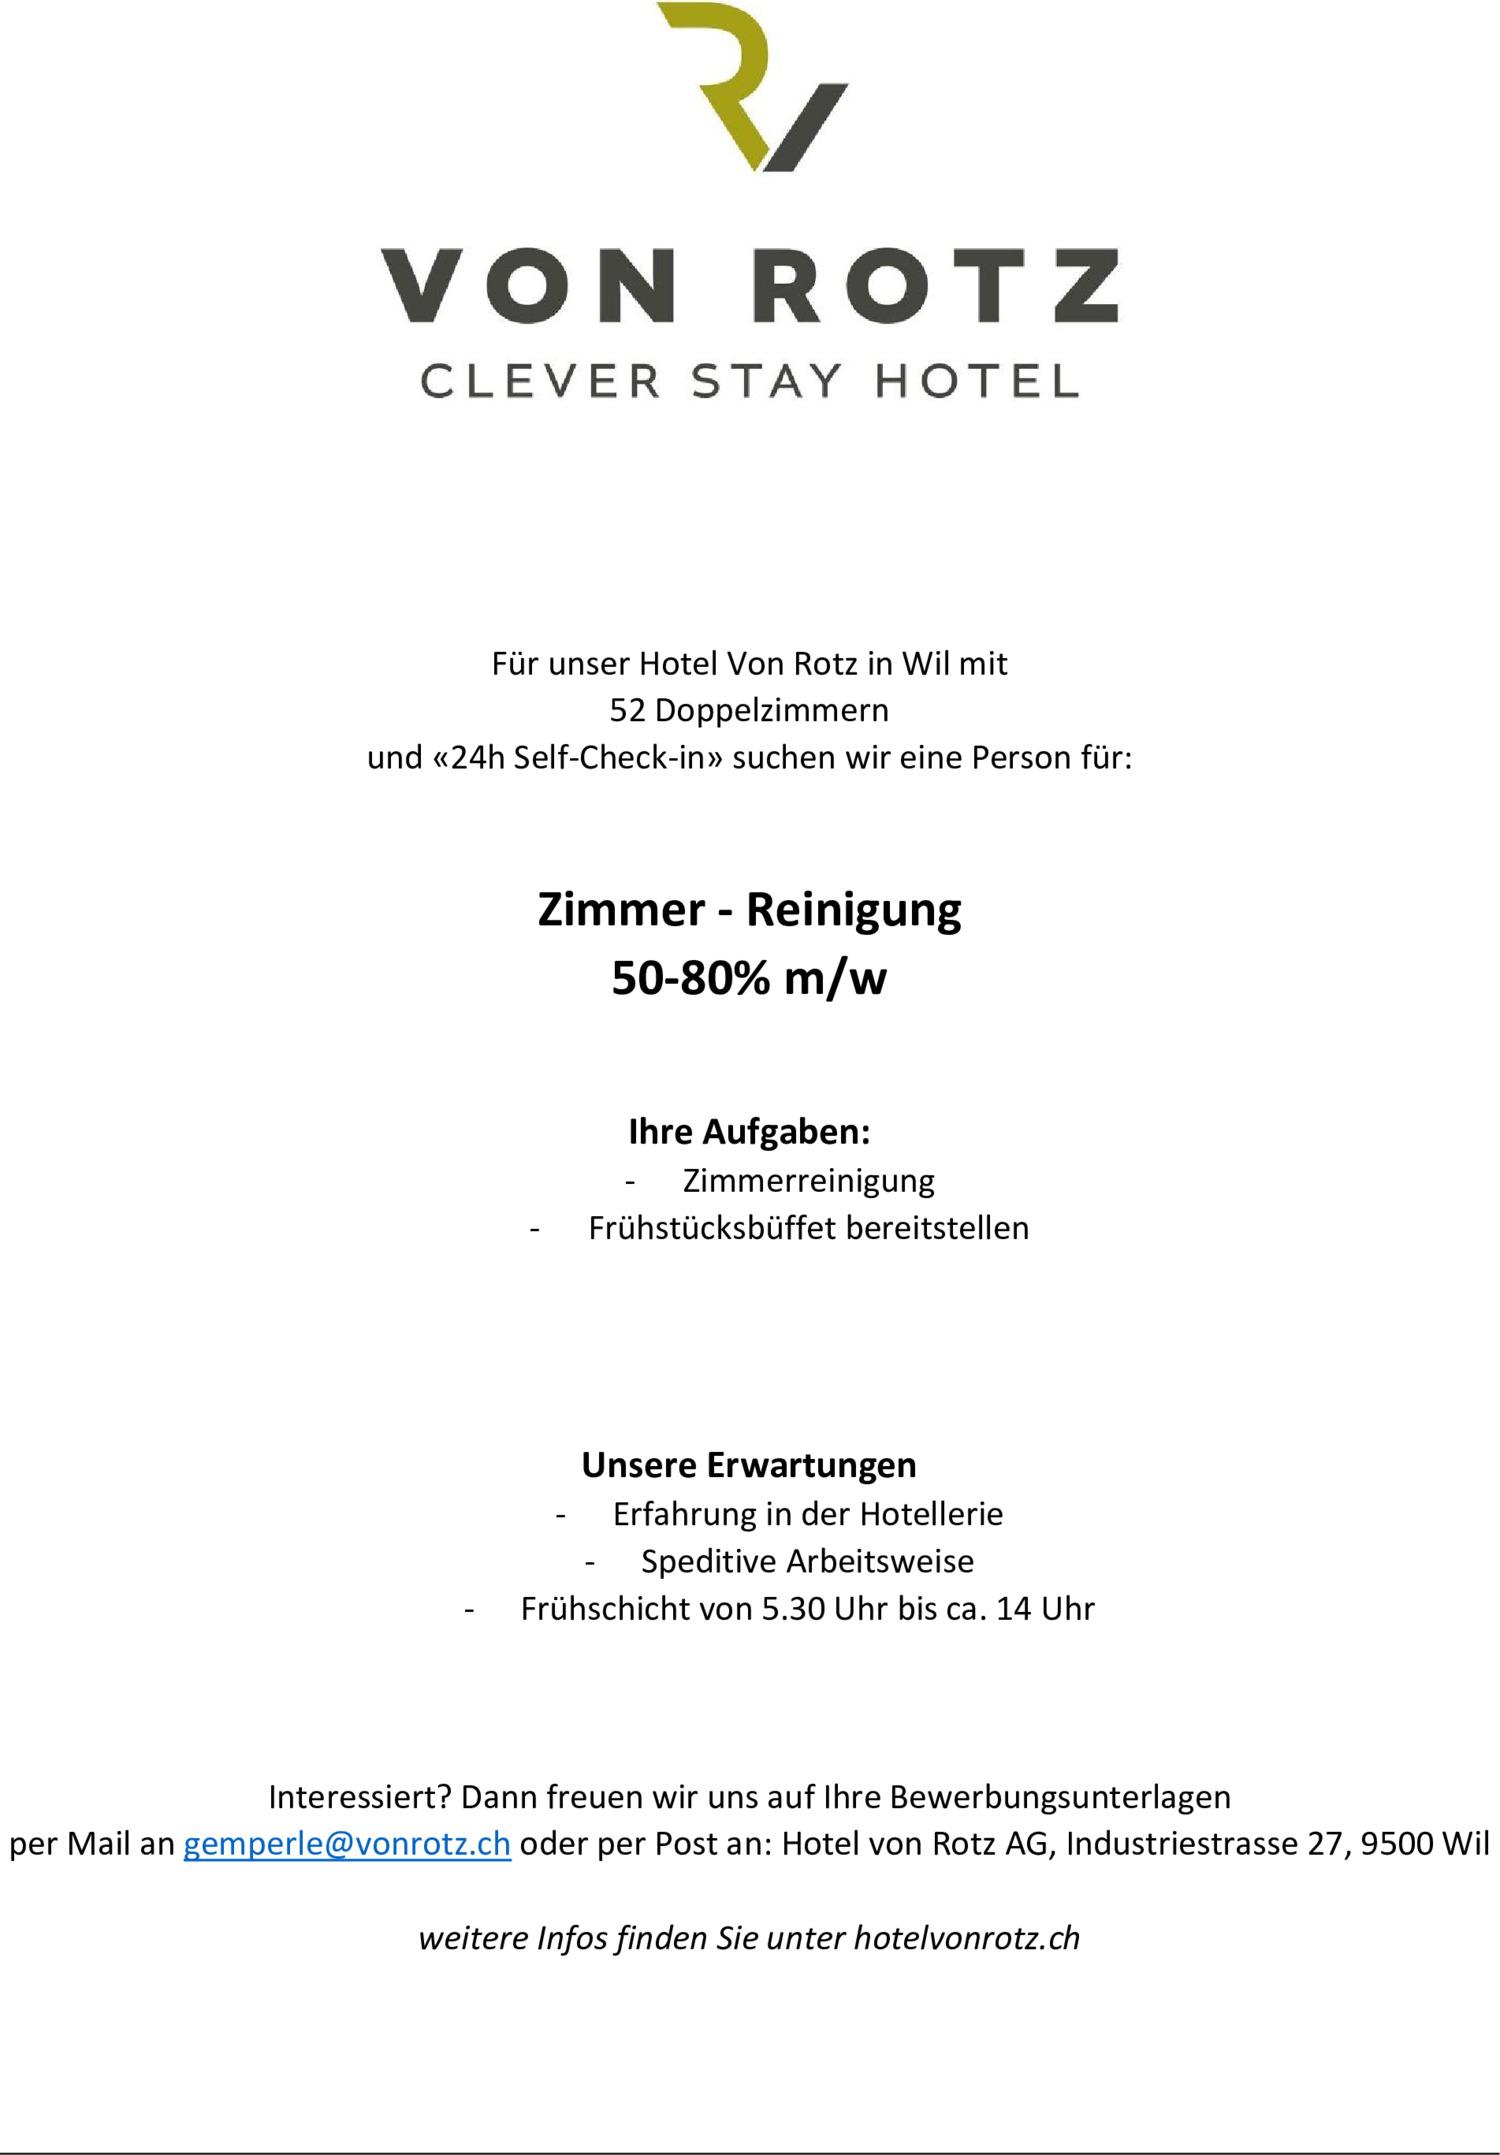 Inserat Zimmer - Reinigung 50-80% m/w